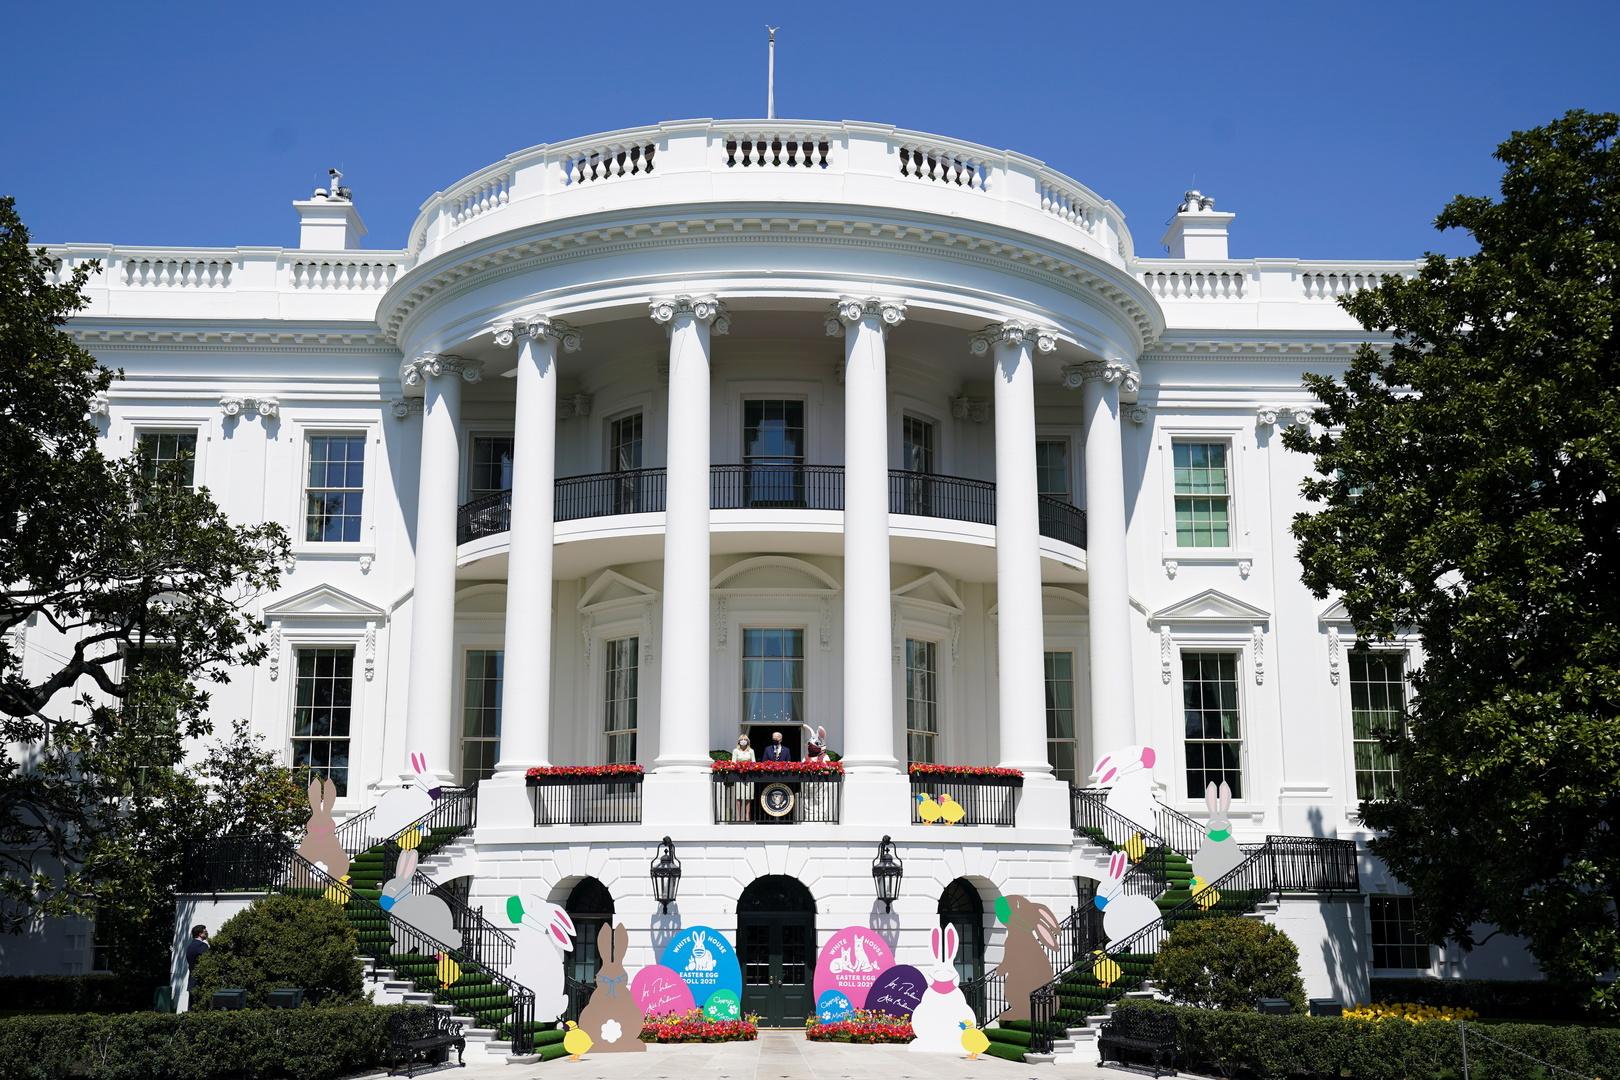 صحيفة: البيت الأبيض بصدد تعيين مبعوث لإنهاء